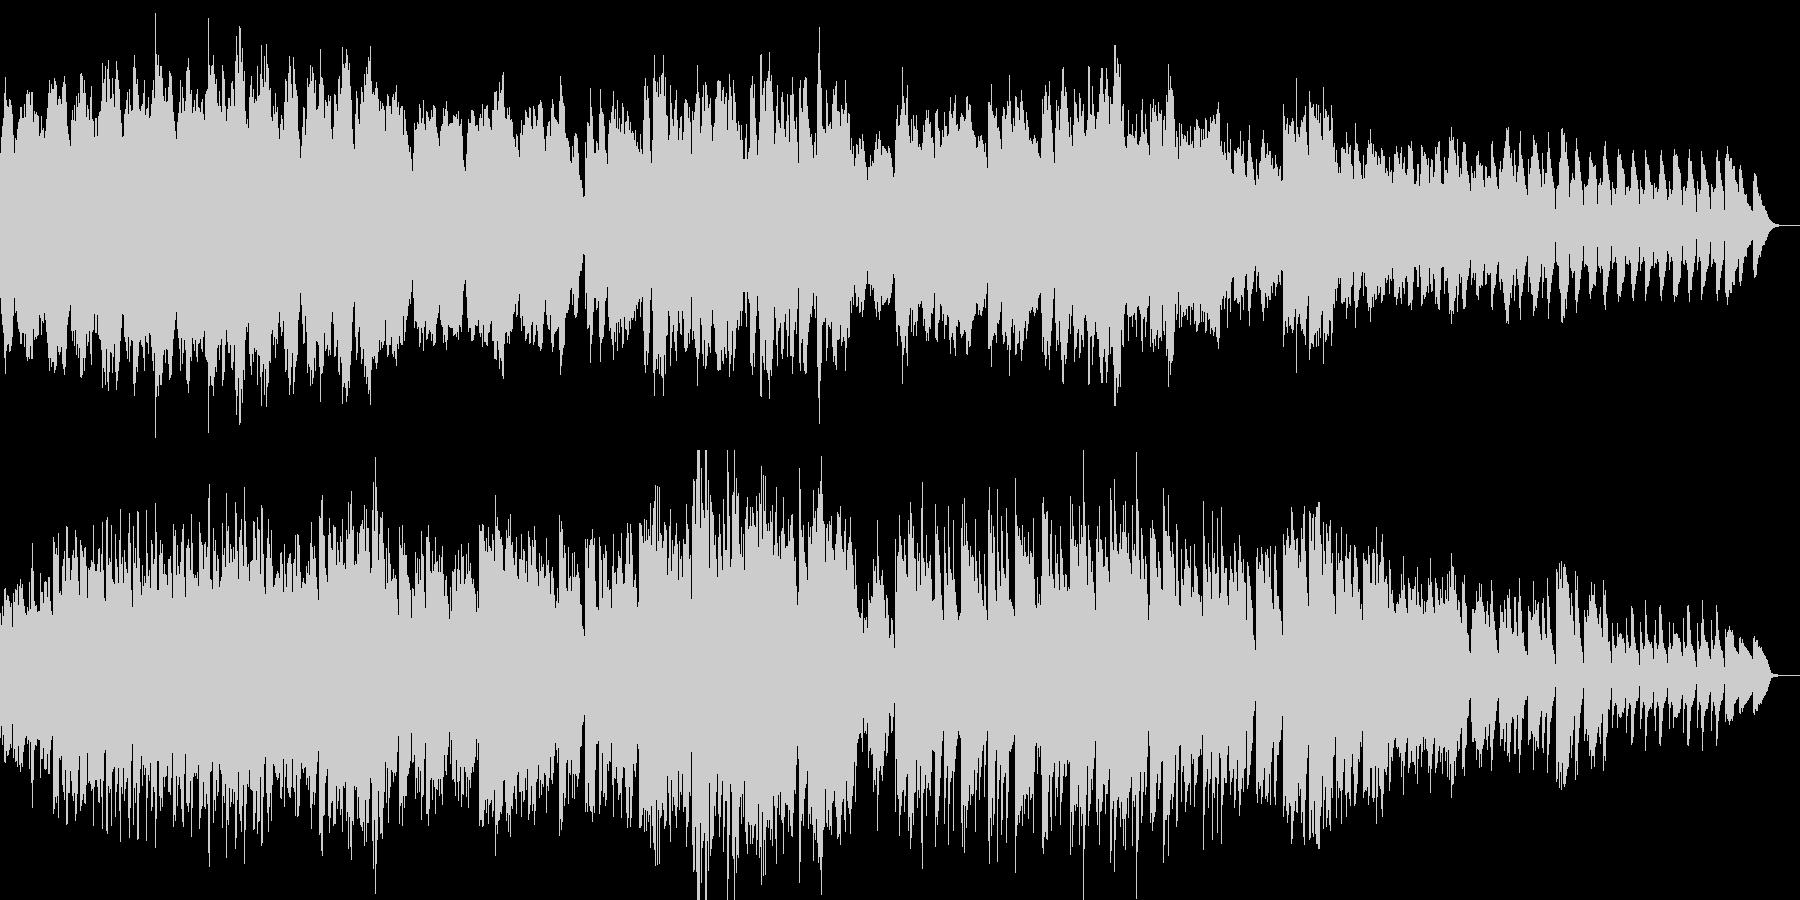 ほのぼのした雰囲気の優しいピアノ曲の未再生の波形